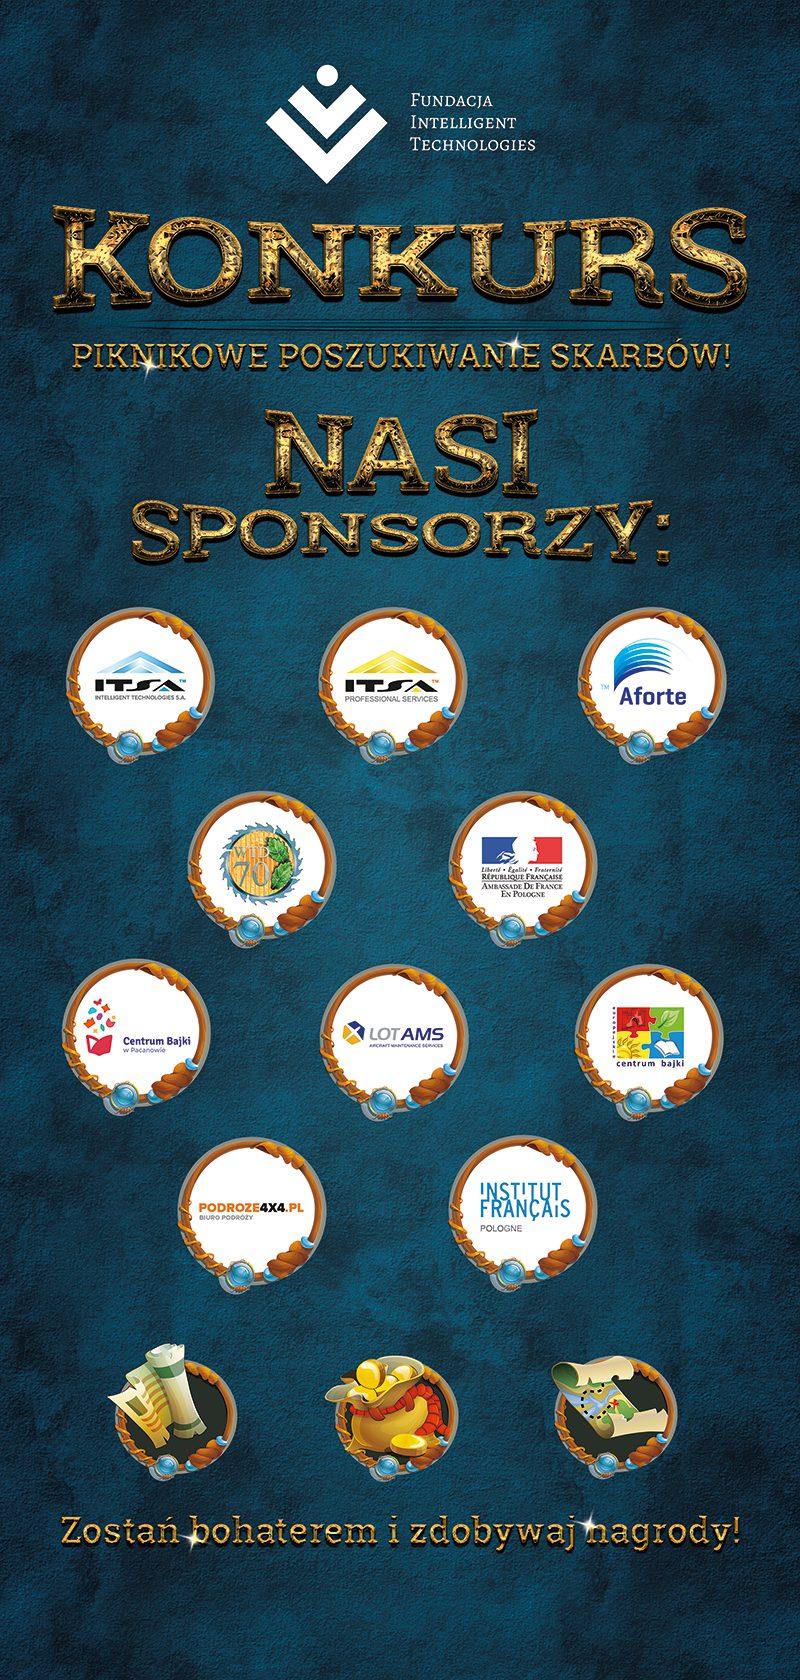 piknik sponsorzy